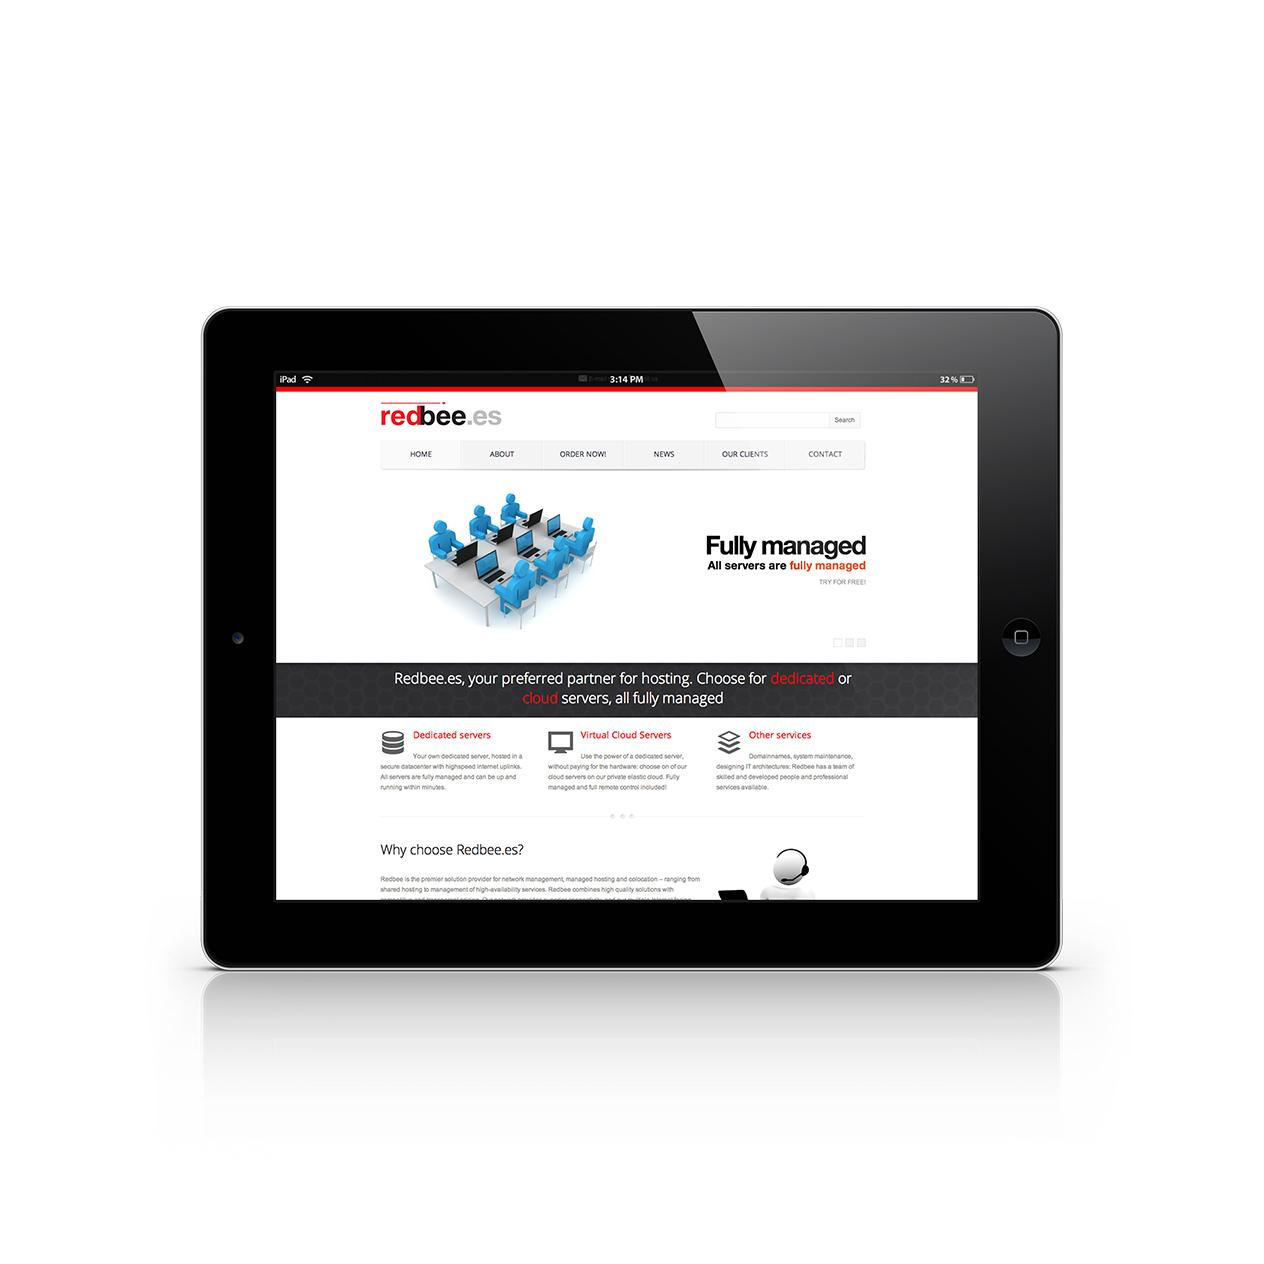 website_redbeees.jpg